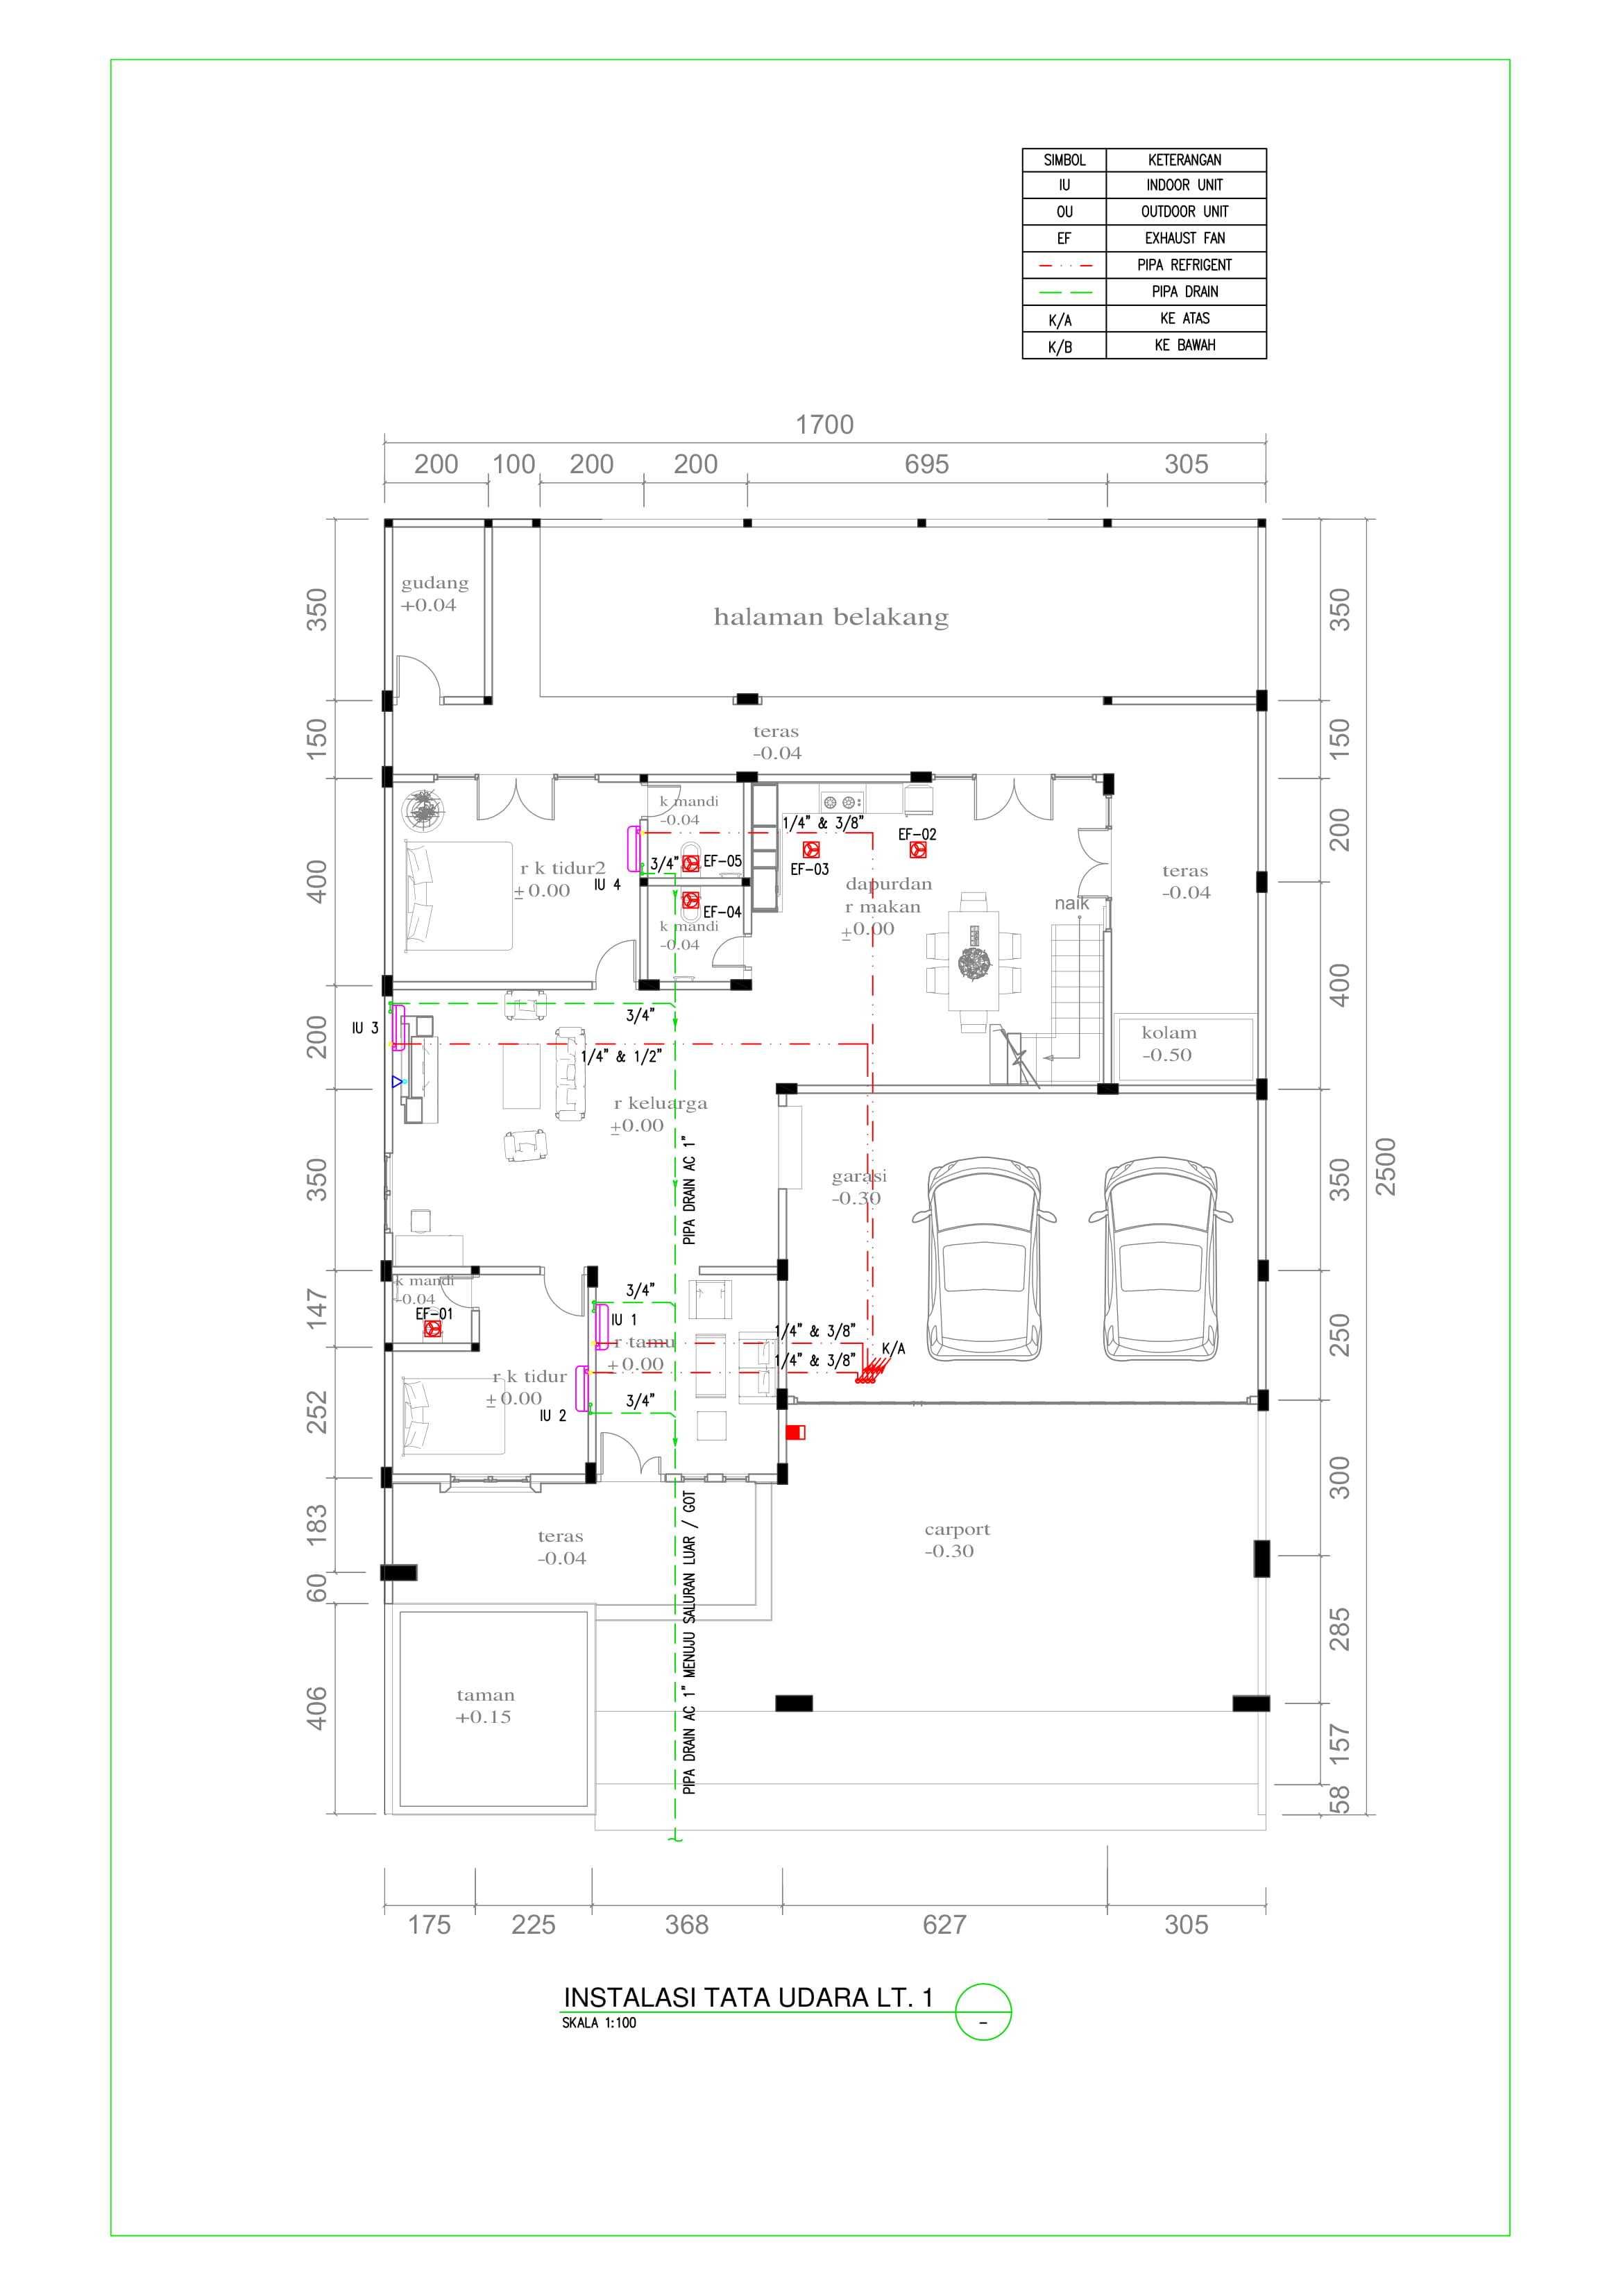 Iyan_Design Rumah Bapak Andi Palembang, Kota Palembang, Sumatera Selatan, Indonesia Palembang, Kota Palembang, Sumatera Selatan, Indonesia Iyandesign-Rumah-Bapak-Andi   93743